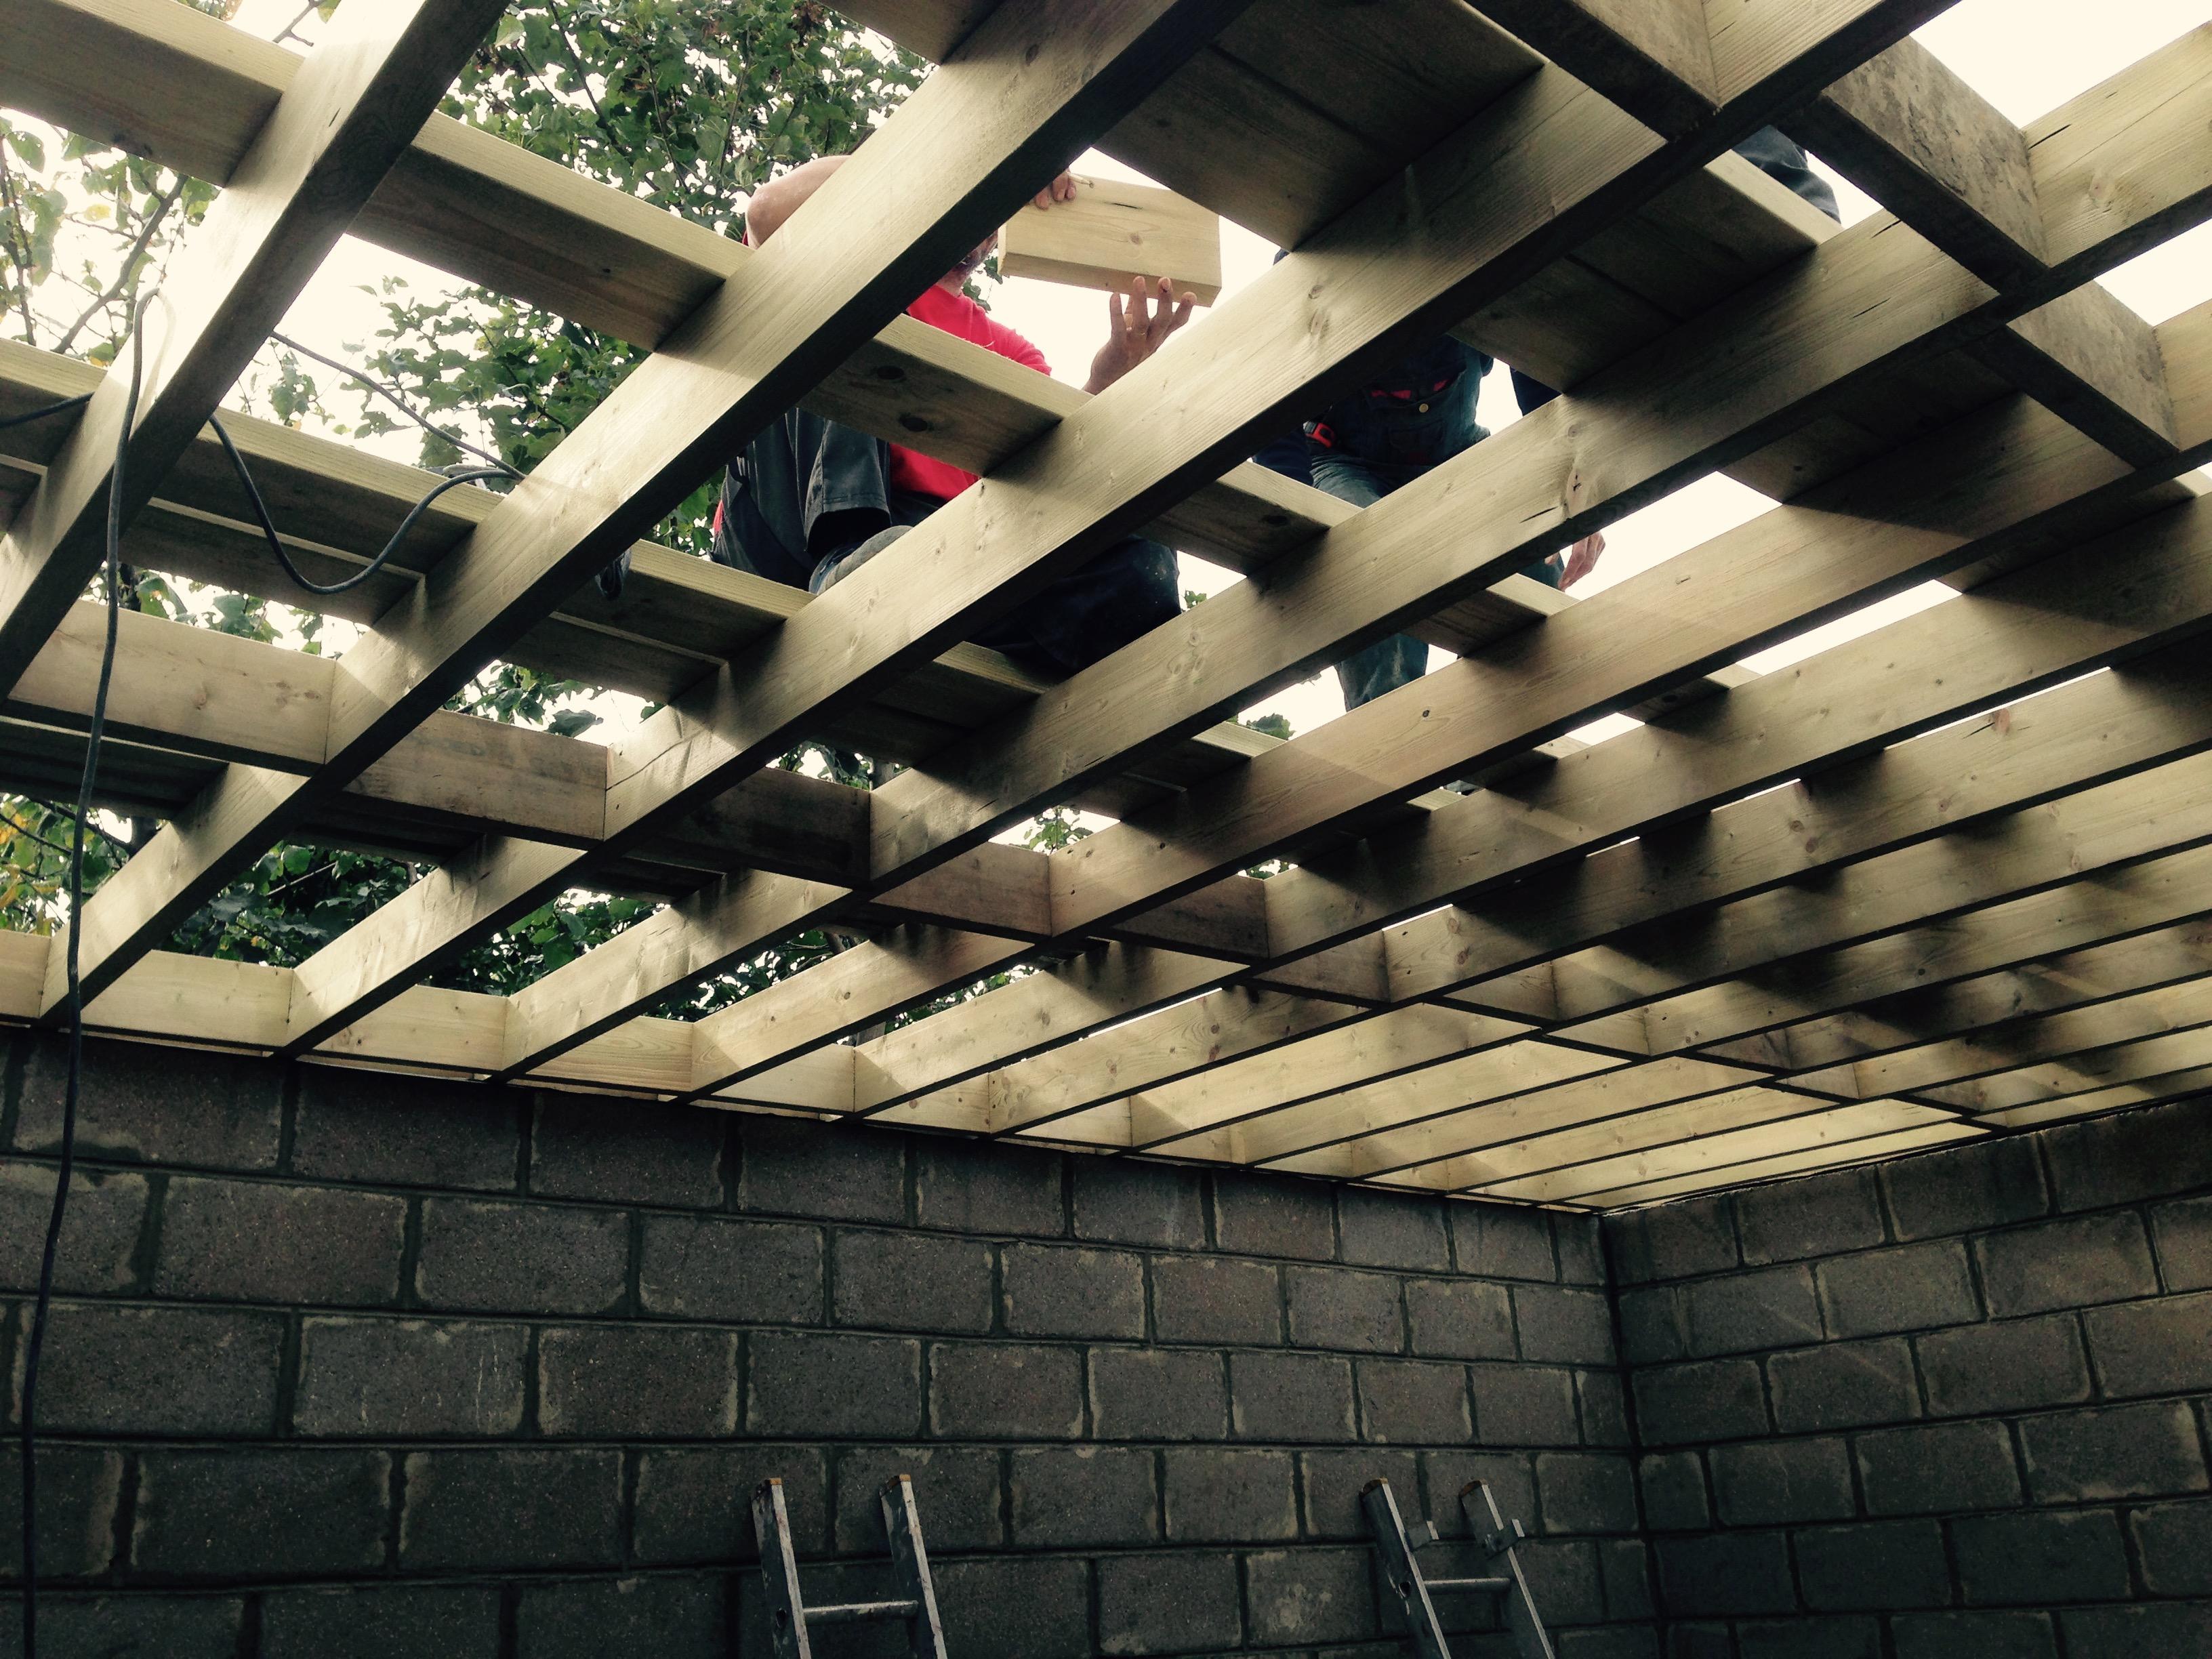 Roof joist works